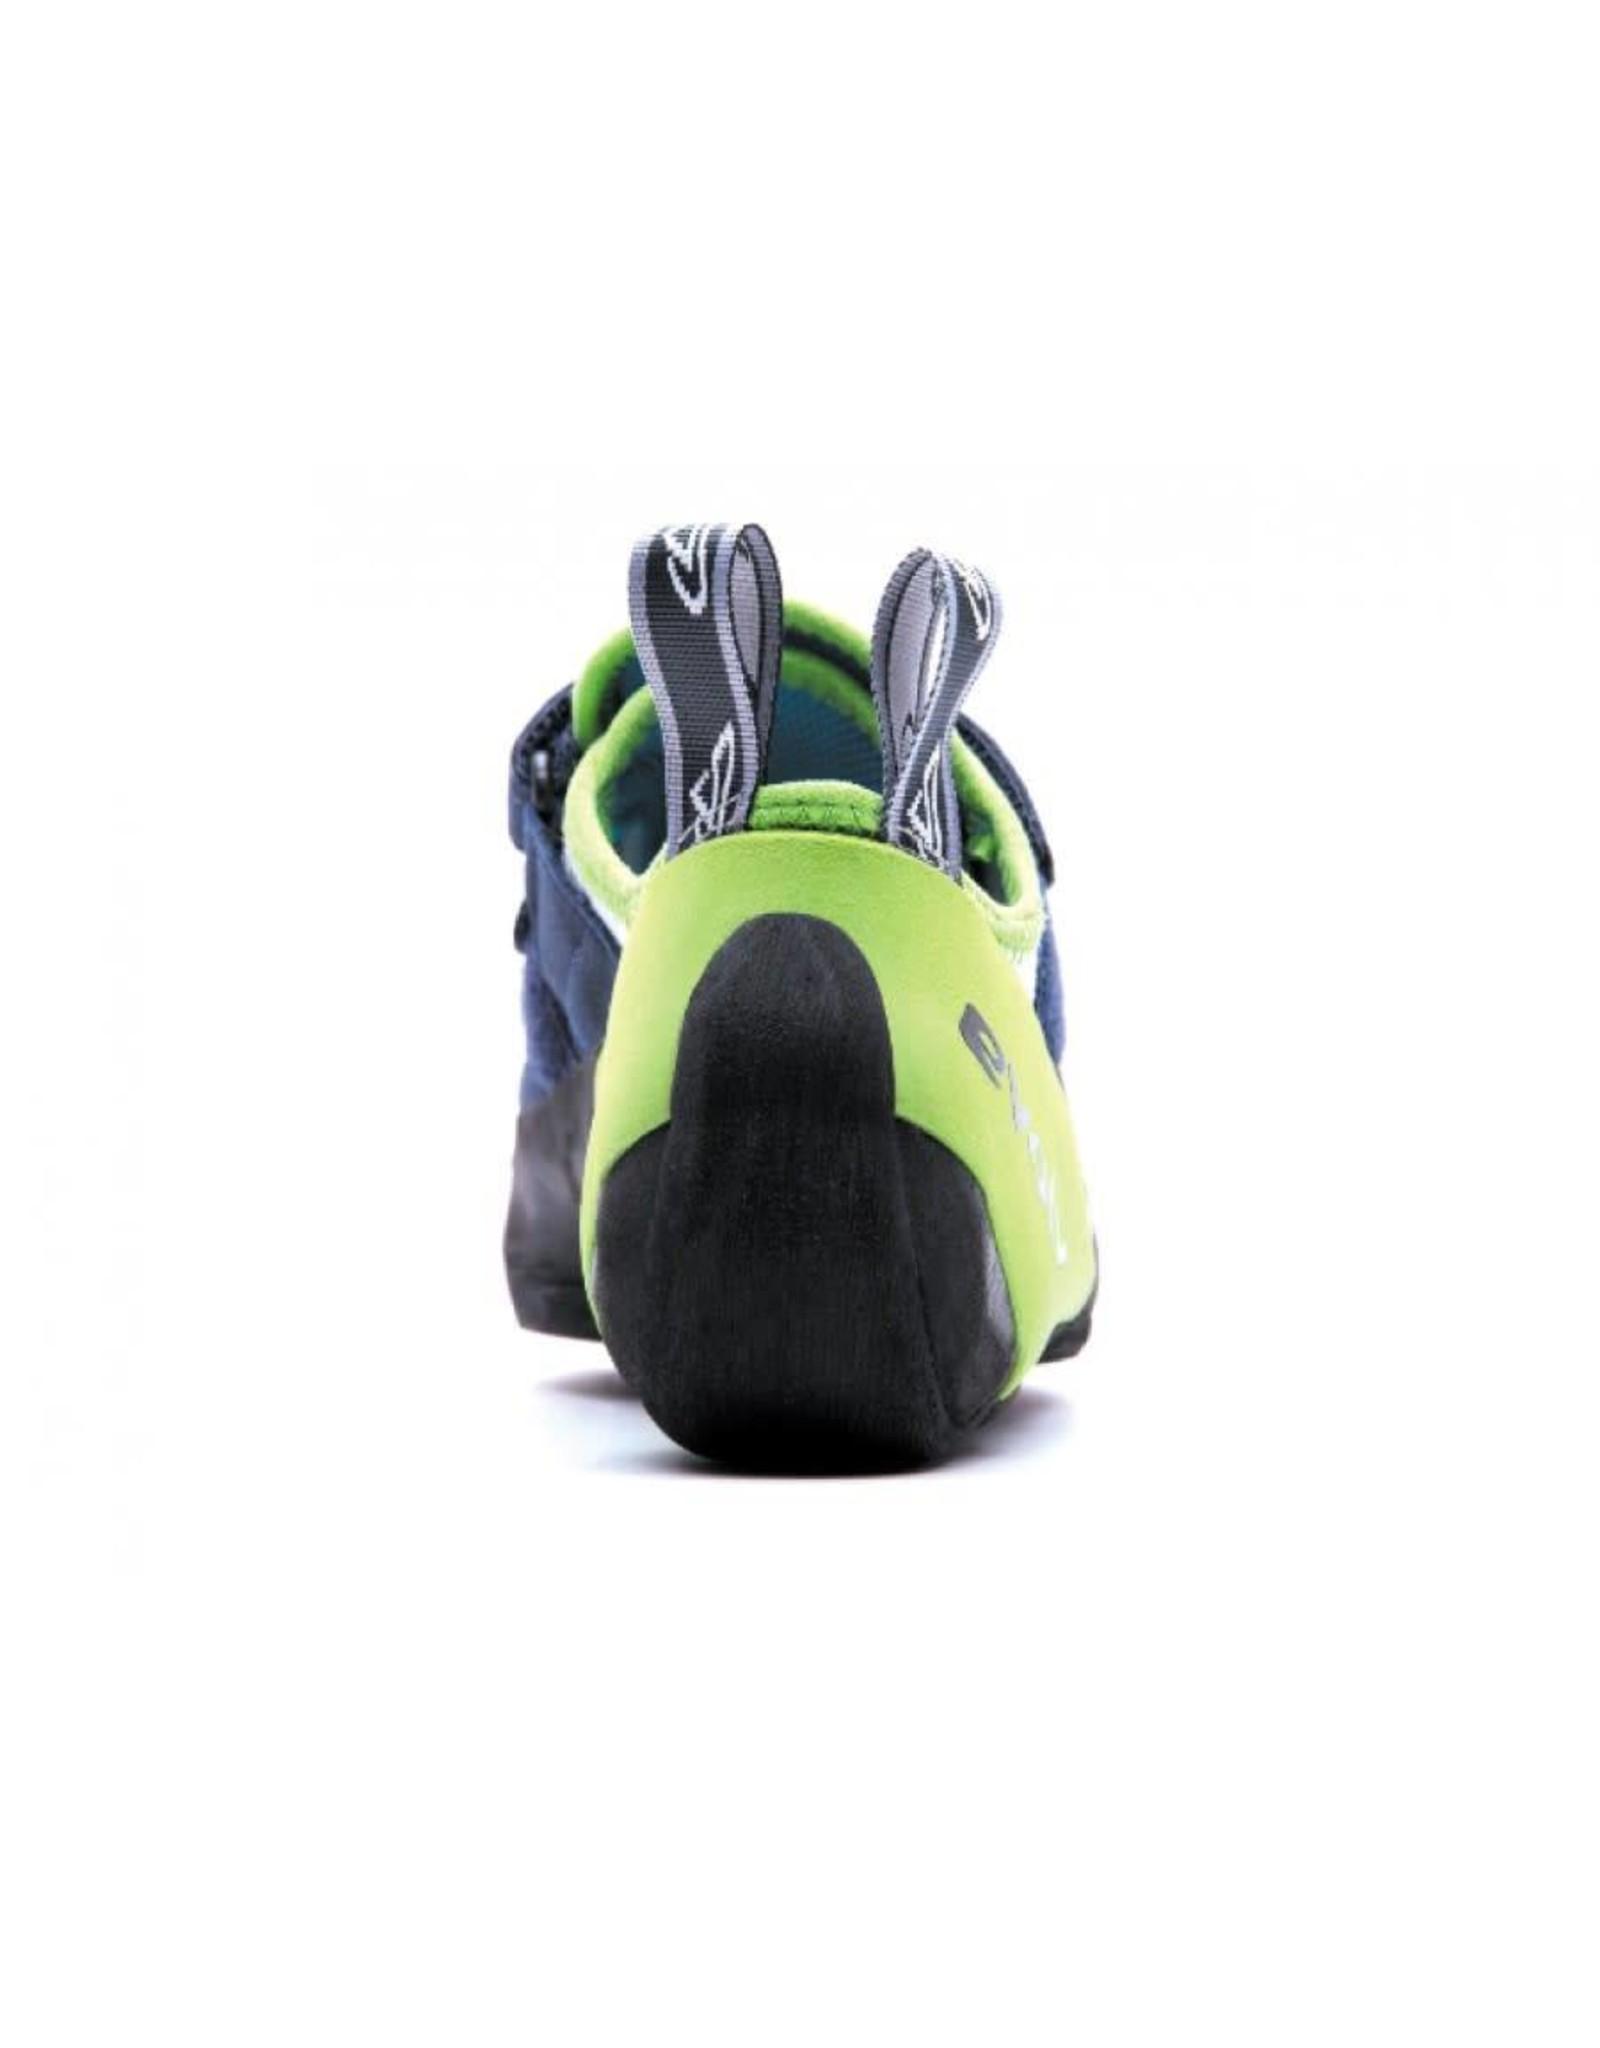 Evolv Evolv Supra Climbing Shoes - Unisex